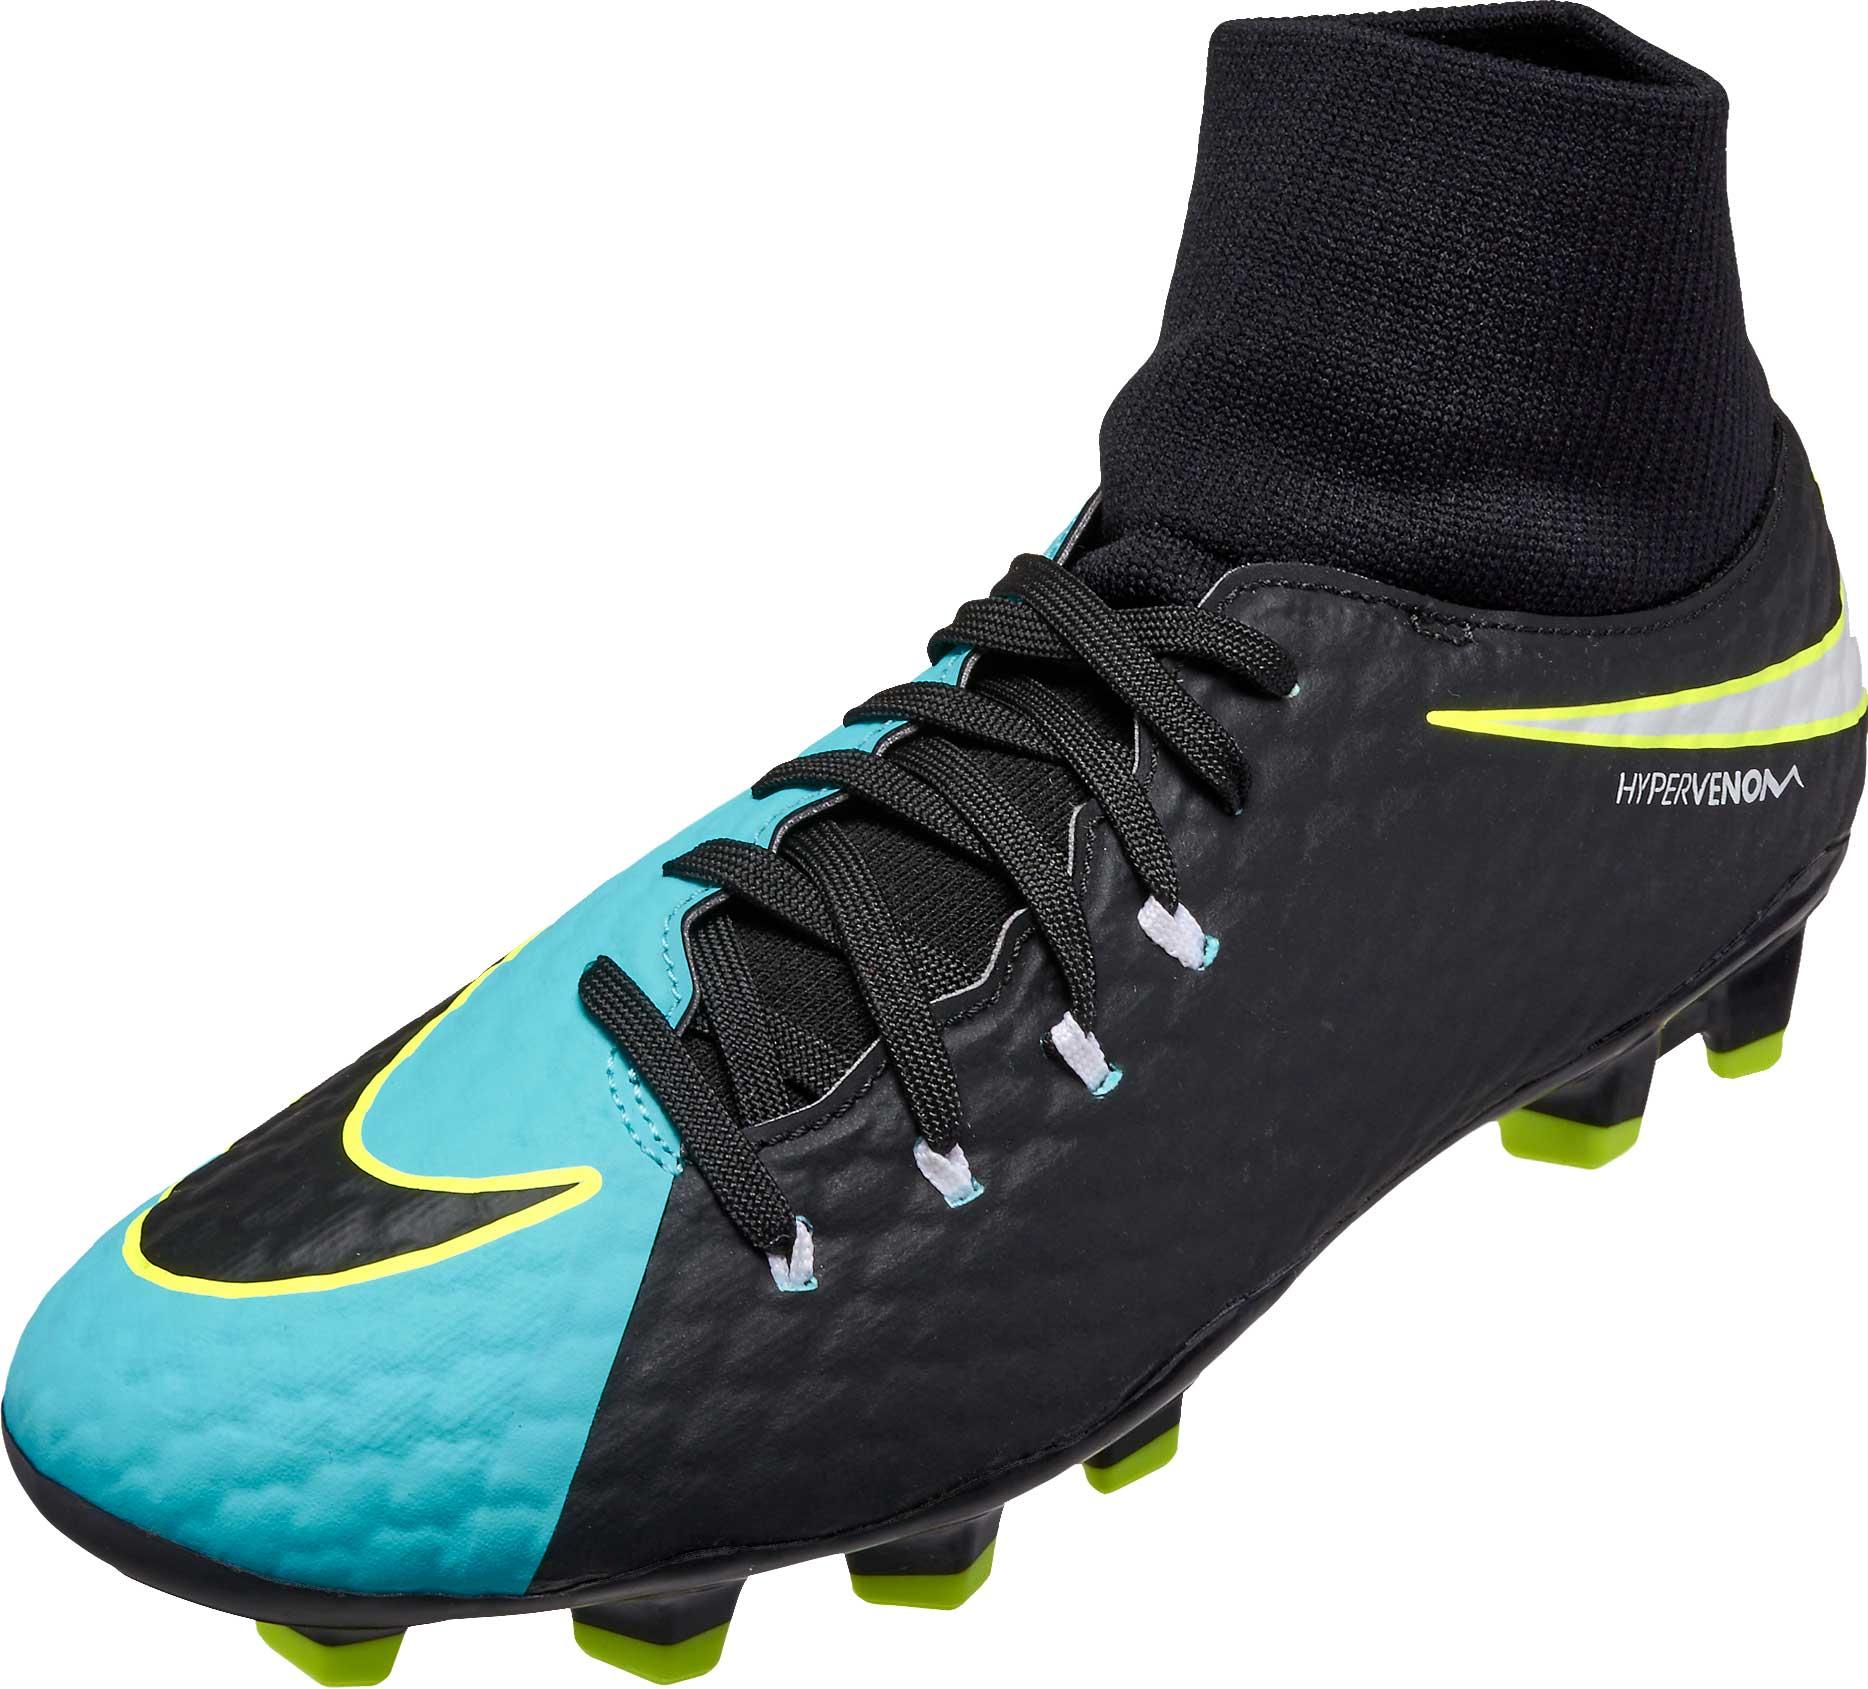 Light Aqua Nike Hypervenom Phelon III DF FG Soccer Shoes - SoccerPro.com a46d230ee1